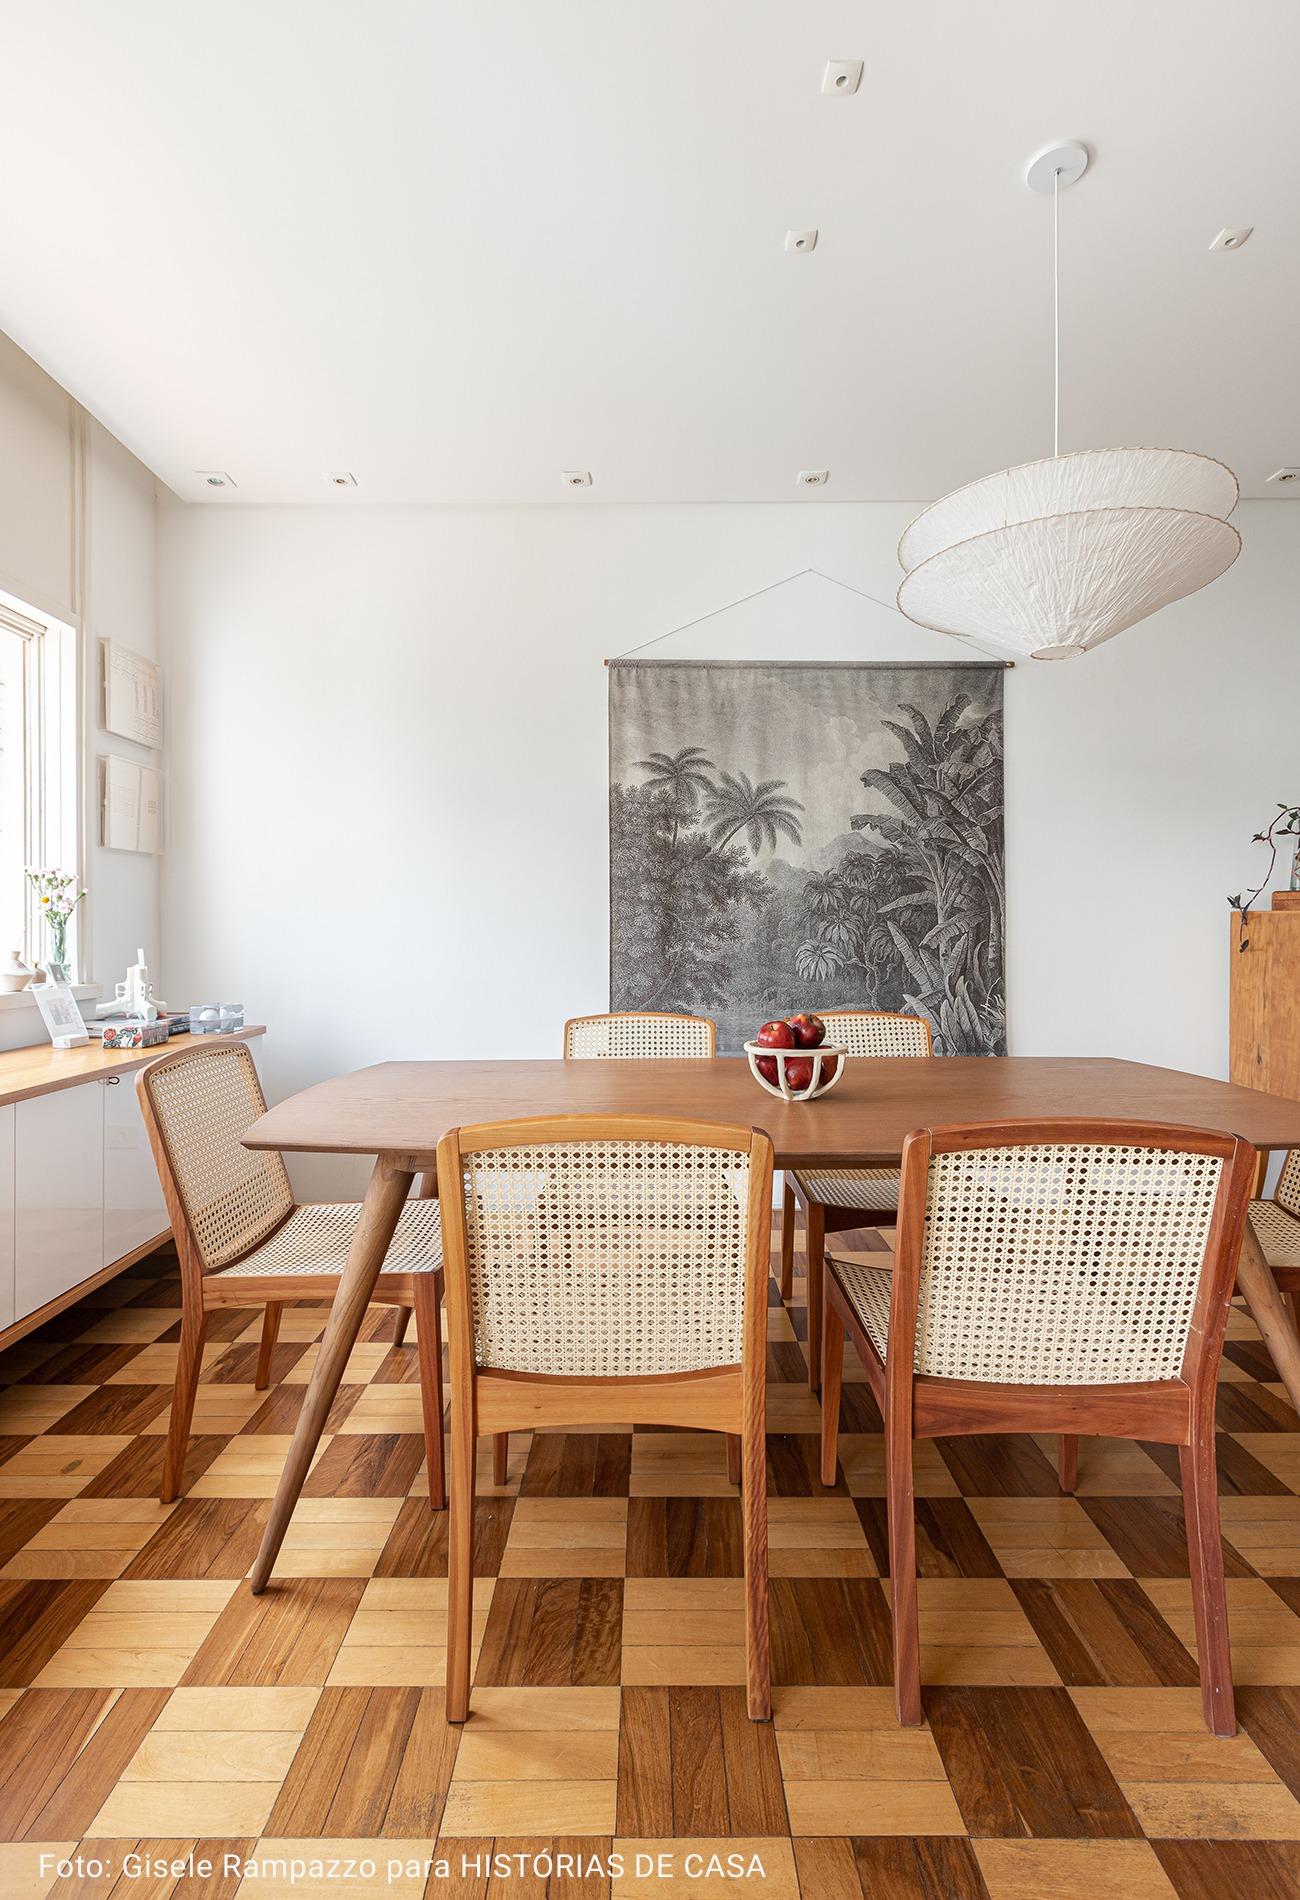 mesa de jantar com maçãs na mesa